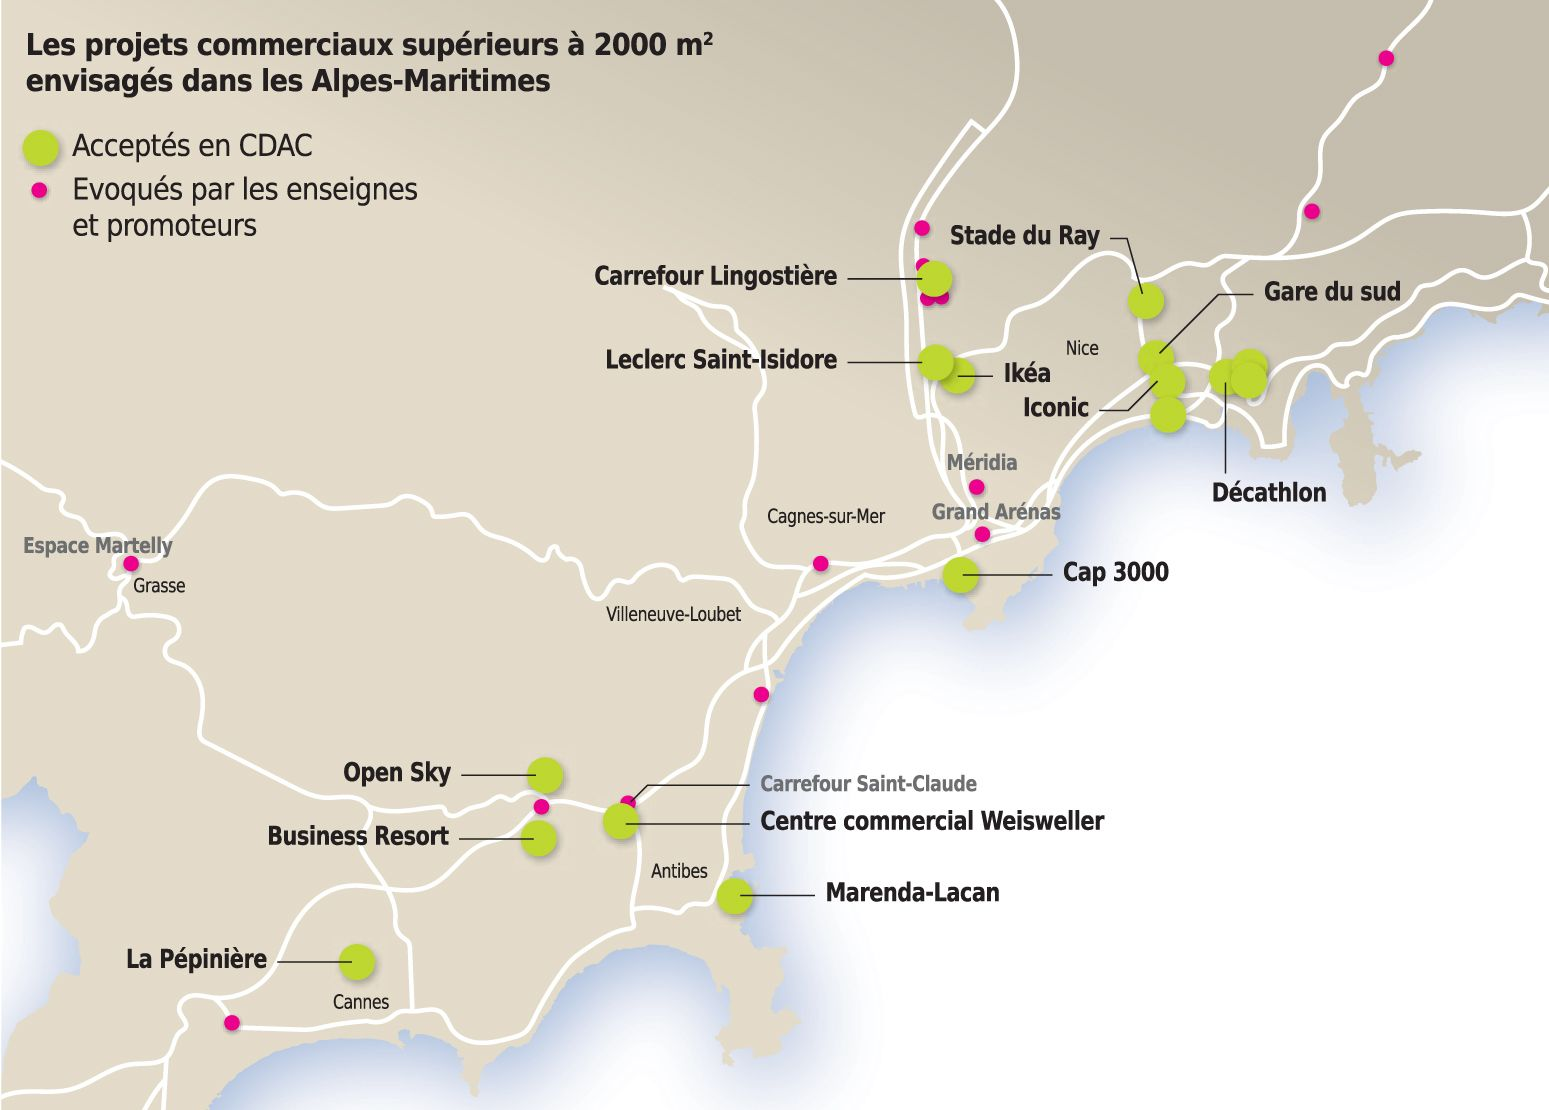 2018: Projets commerciaux supérieurs à 2 000 m² envisagés -CCI-Alpes-Maritimes06